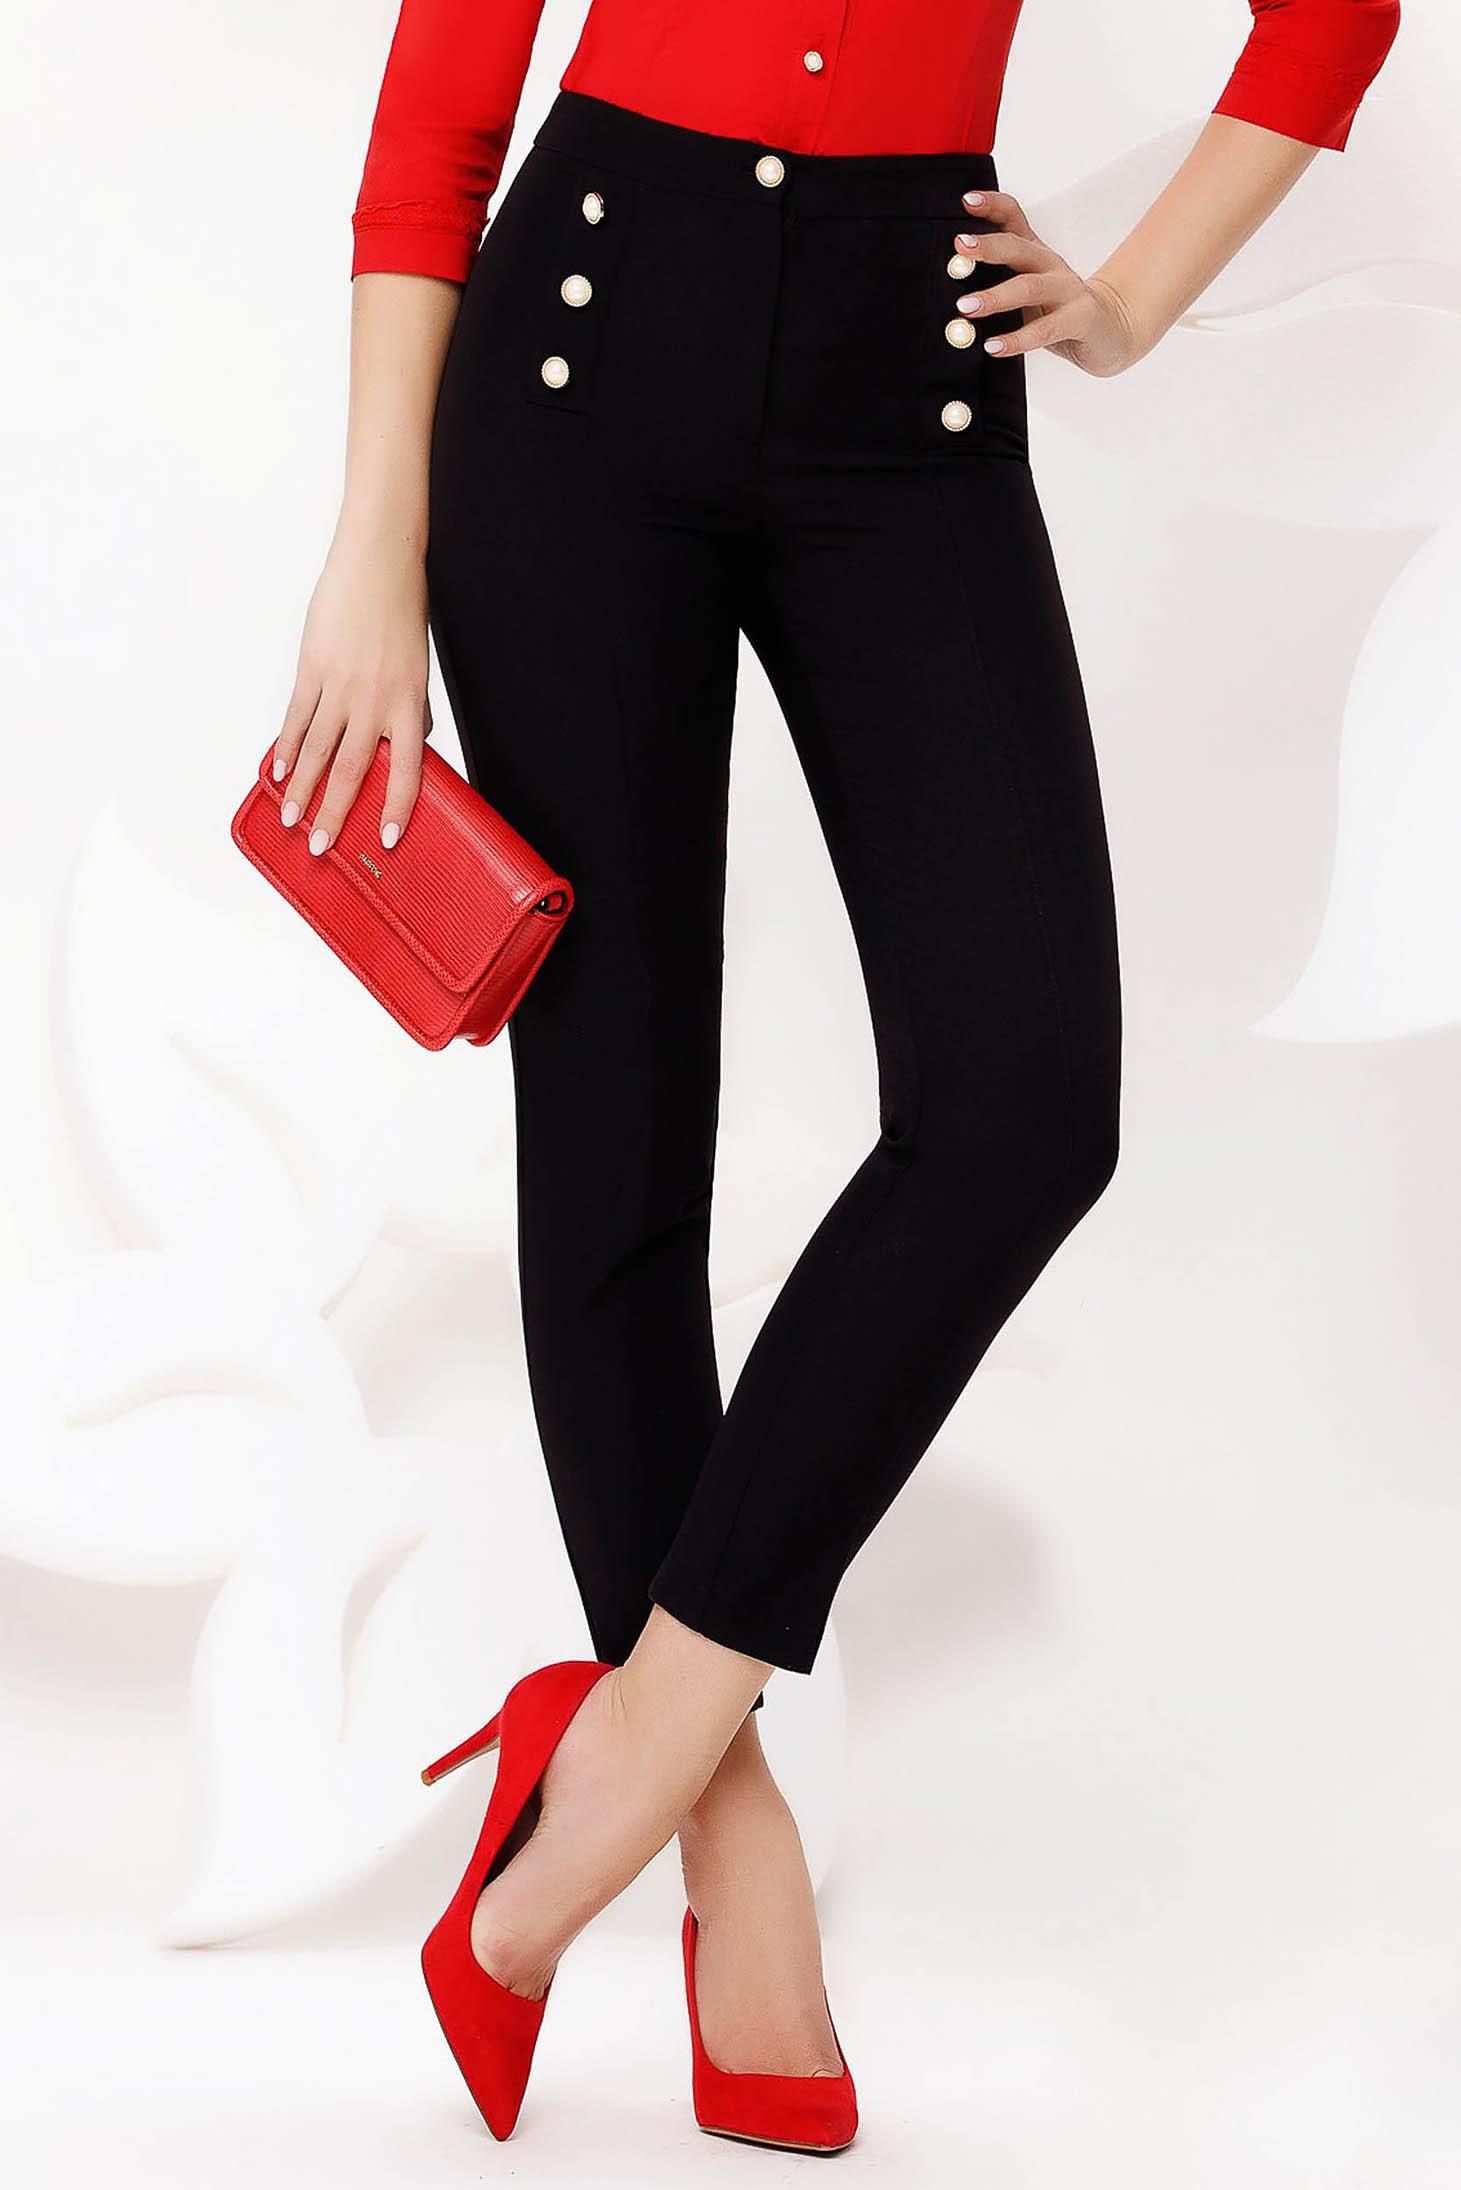 Pantaloni Fofy negri office conici cu talie inalta din stofa usor elastica accesorizati cu nasturi